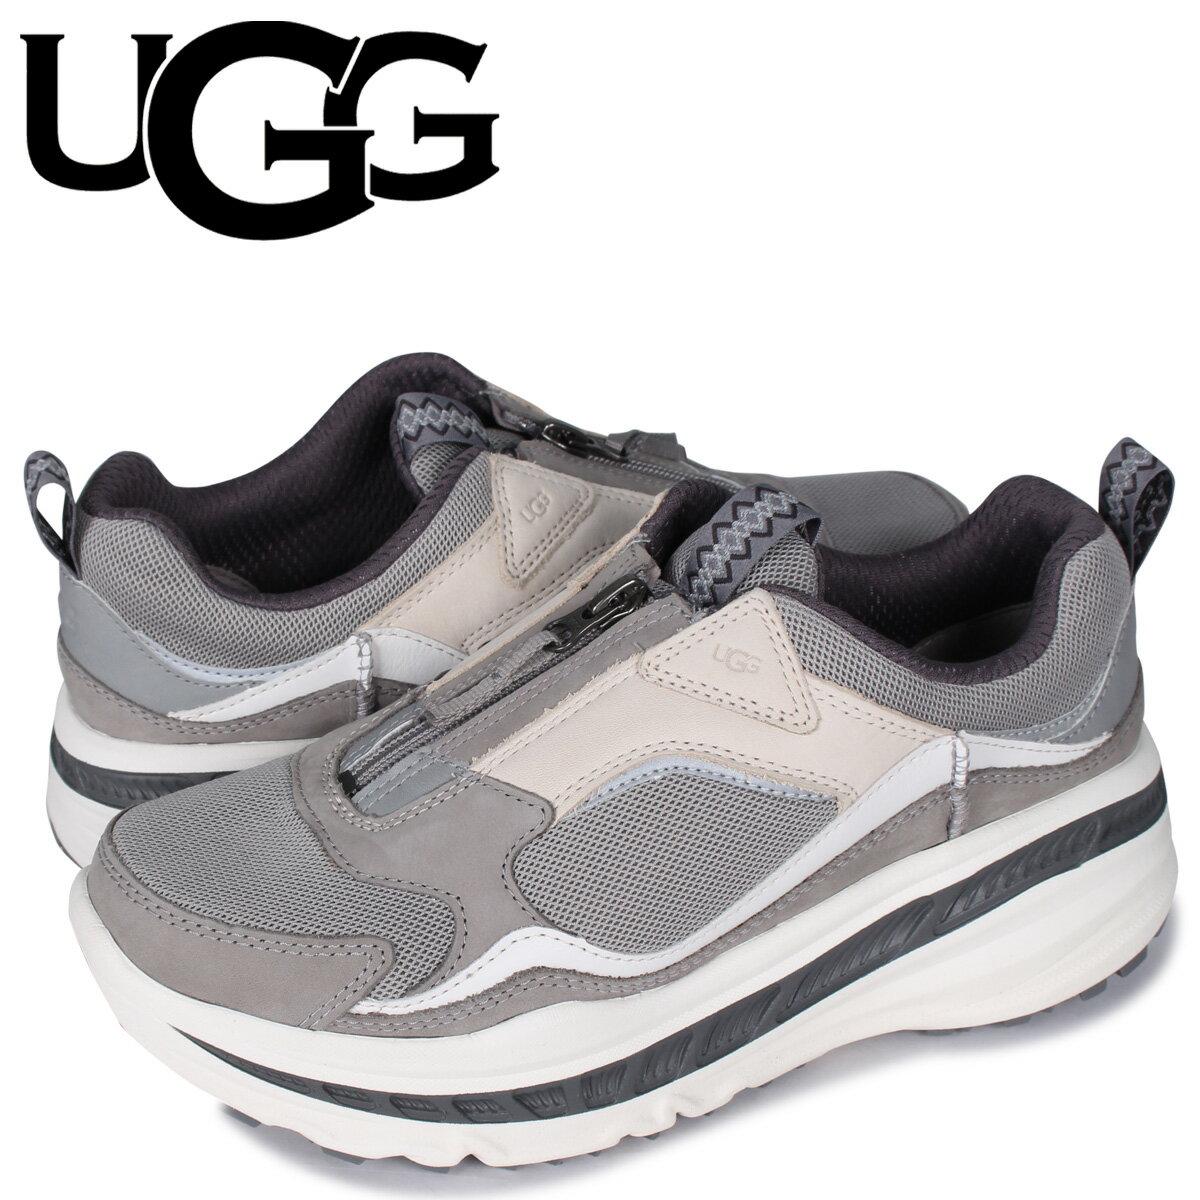 メンズ靴, スニーカー 2000OFF UGG CA805 ZIP MESH 1113330